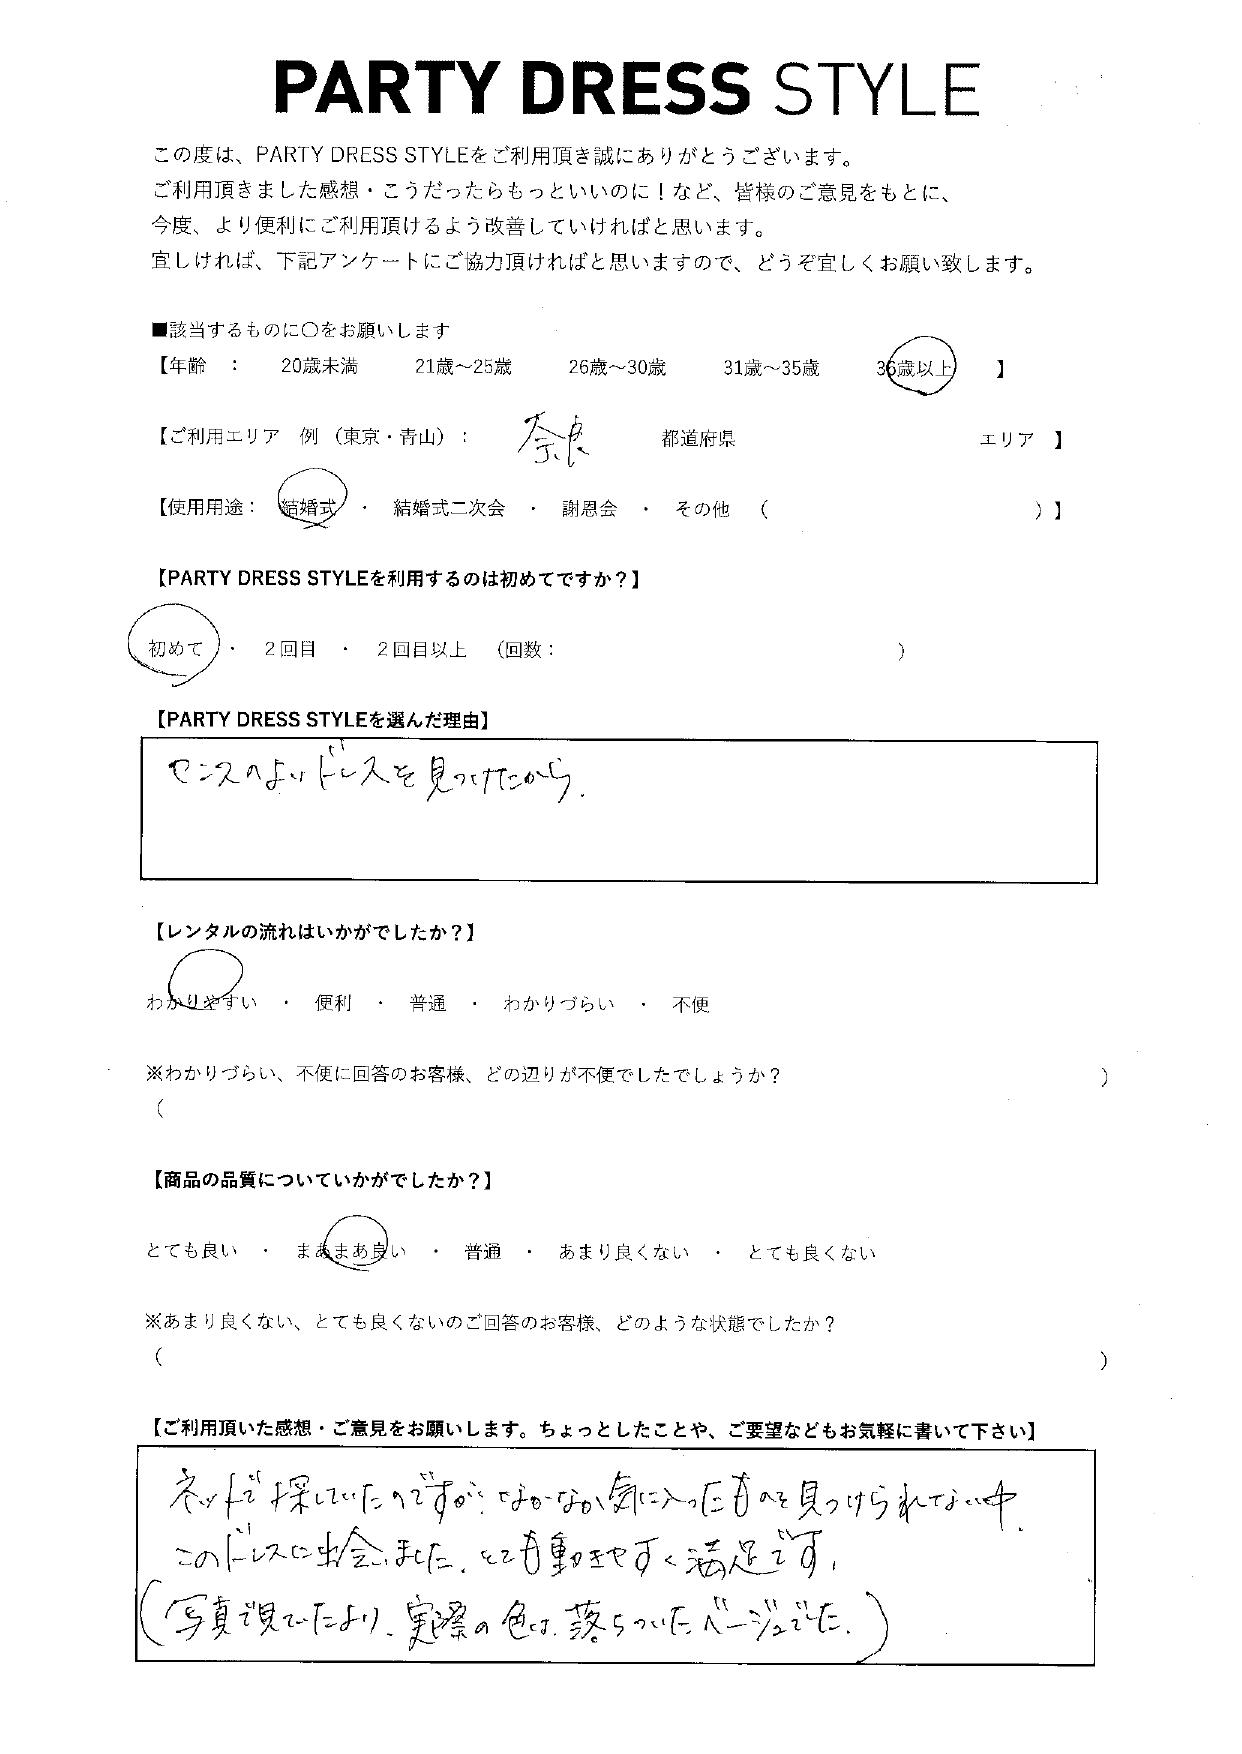 8/28結婚式ご利用 奈良エリア